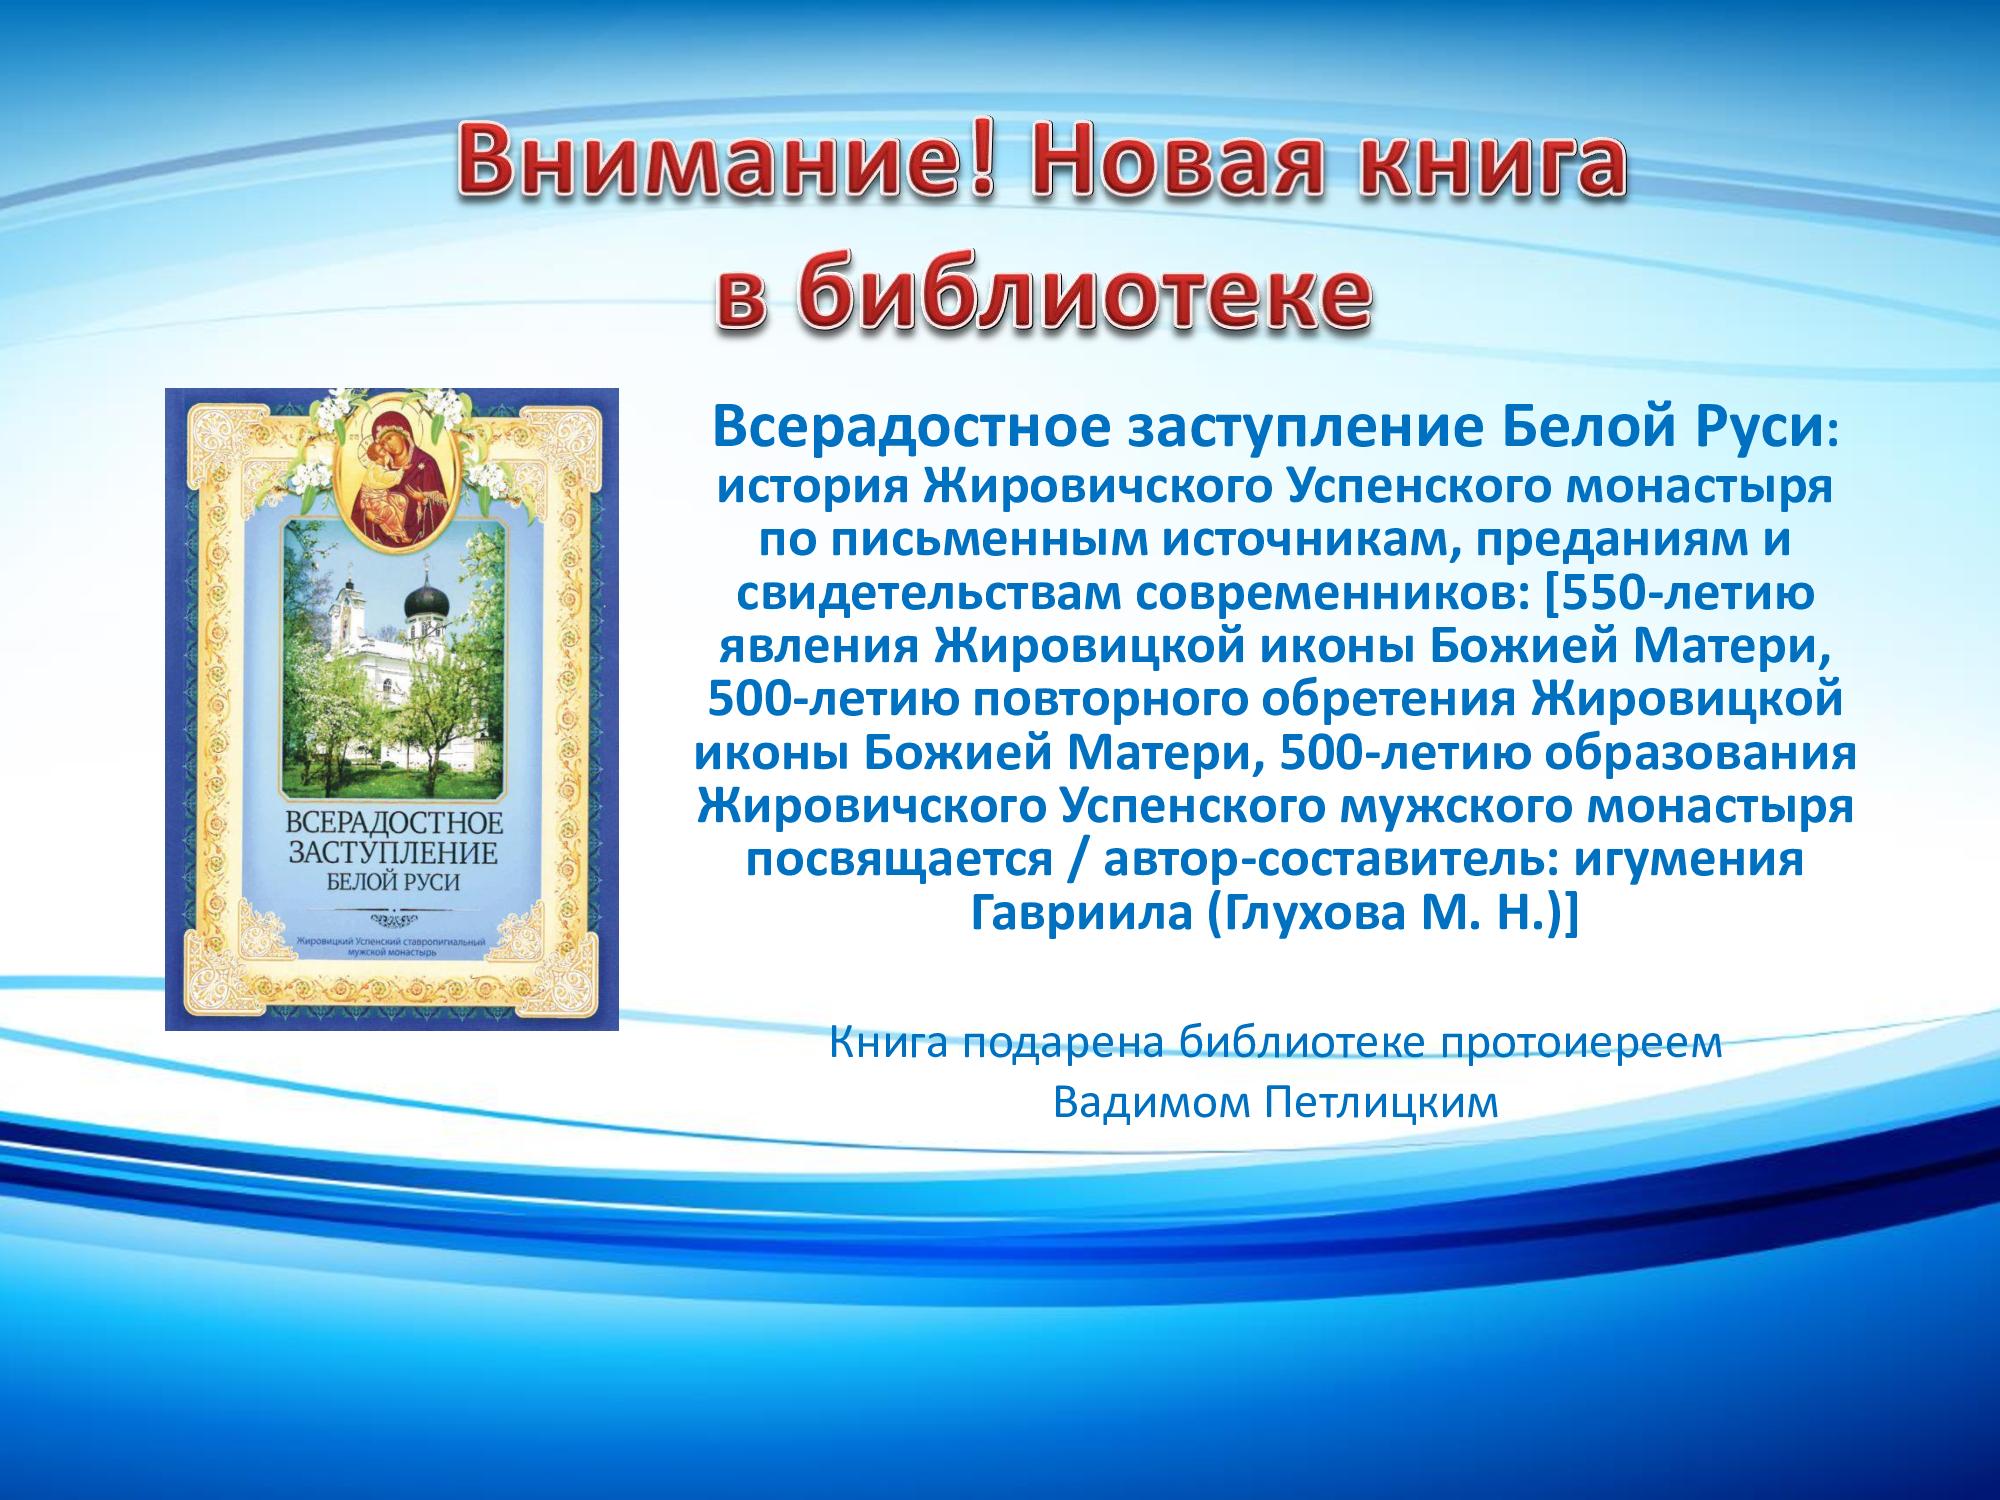 Vnimanie-33-Novaya-kniga-v-biblioteke